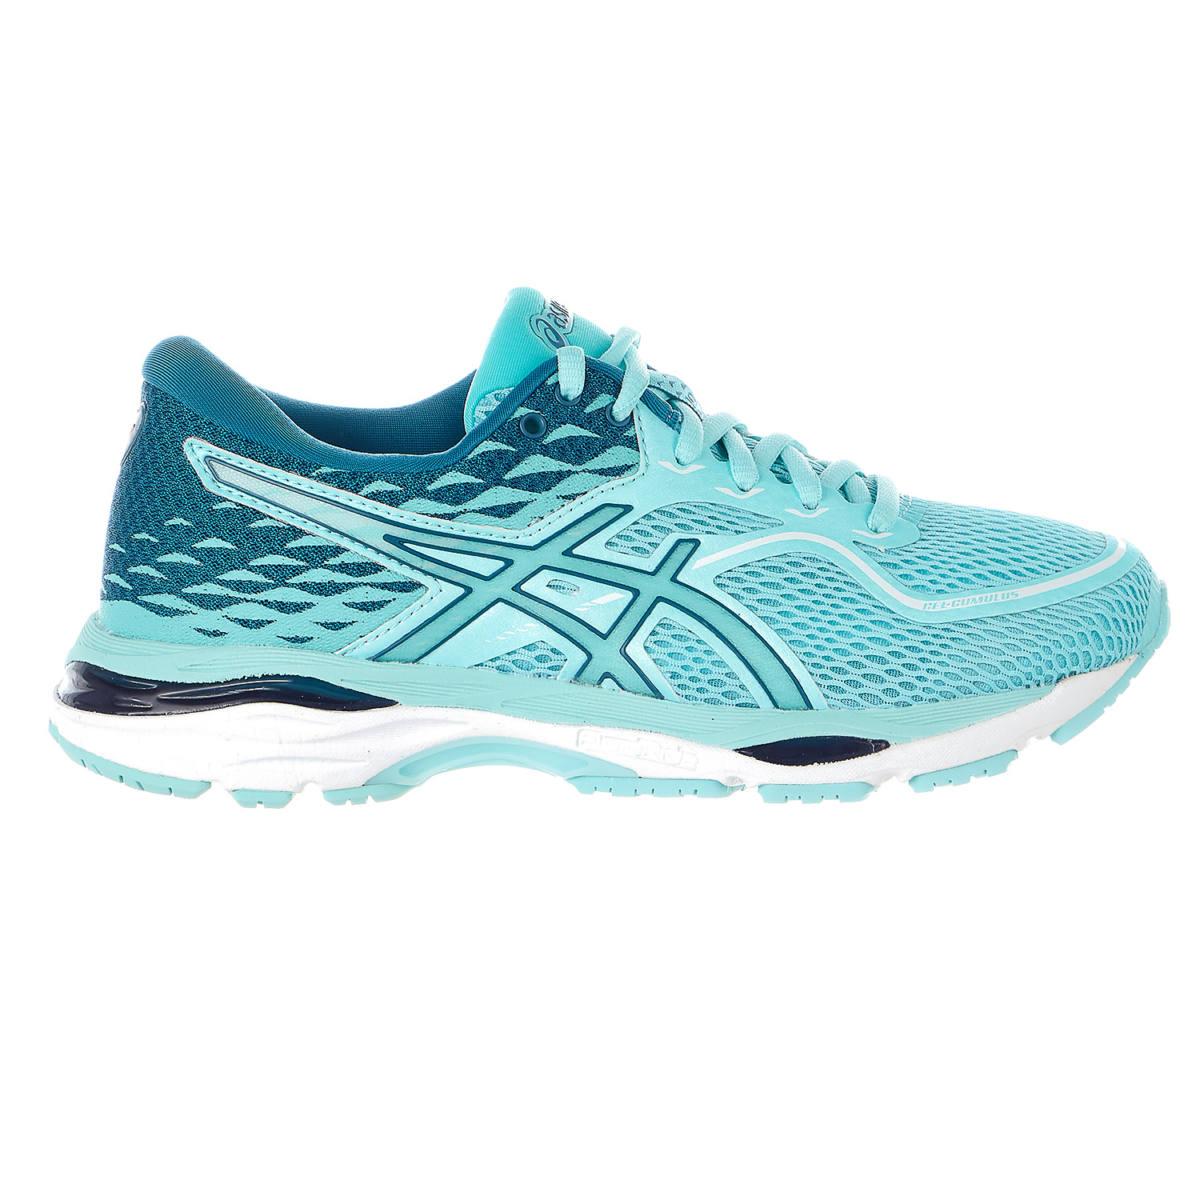 6a34e0a0b3c Όταν ξεκίνησα να παίρνω το τρέξιμο στα σοβαρά και αναβάθμισα τις επιλογές  μου στα αθλητικά παπούτσια, ...